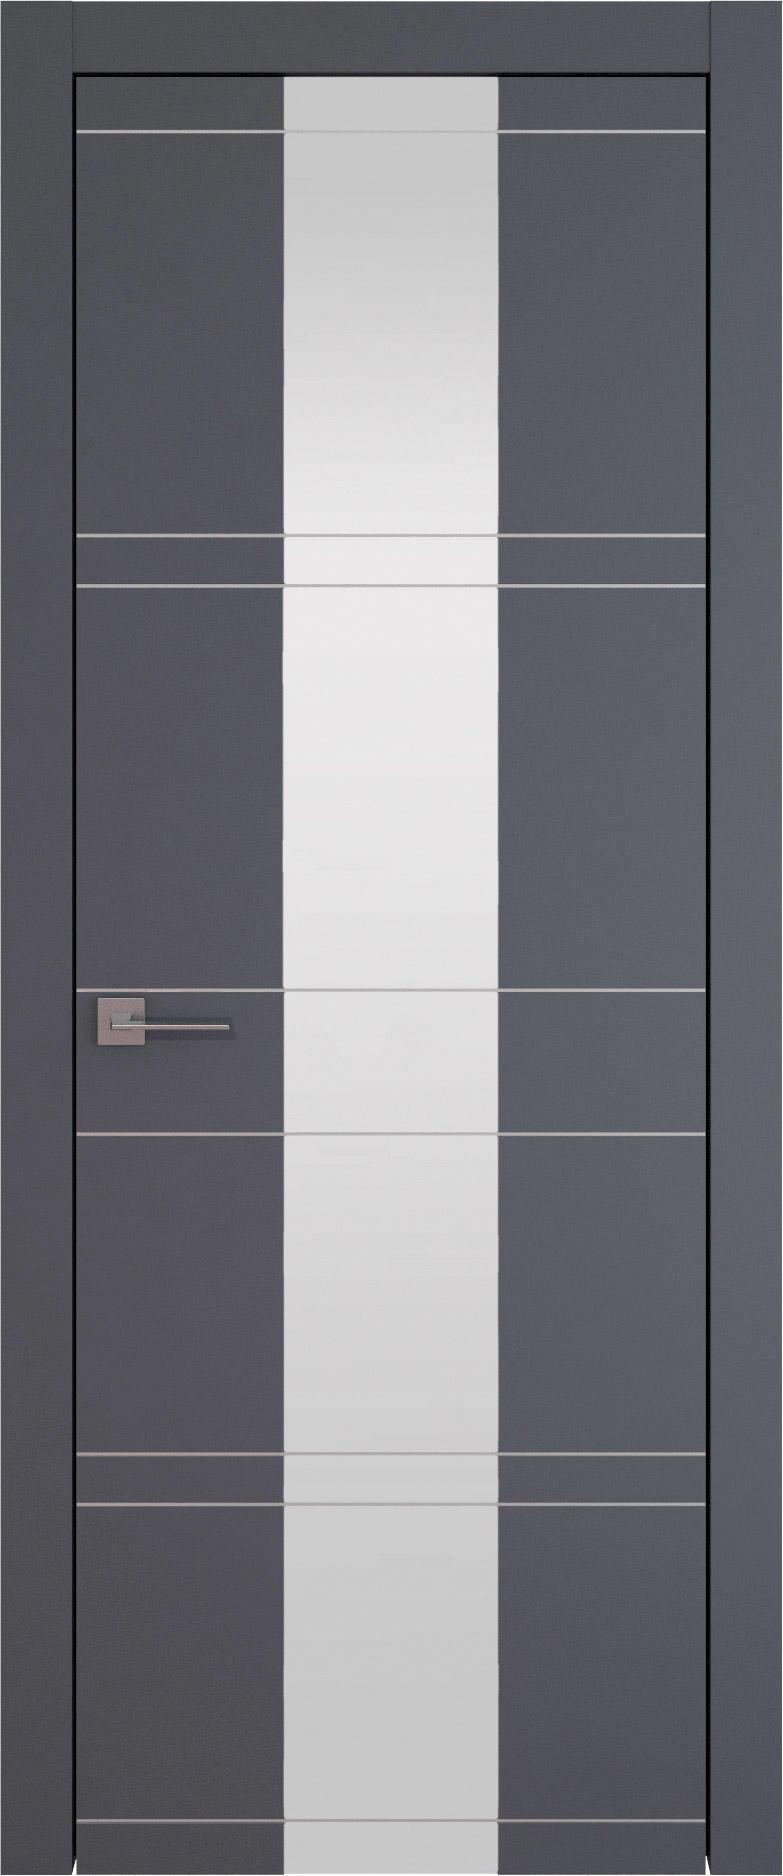 Tivoli Ж-2 цвет - Графитово-серая эмаль (RAL 7024) Со стеклом (ДО)